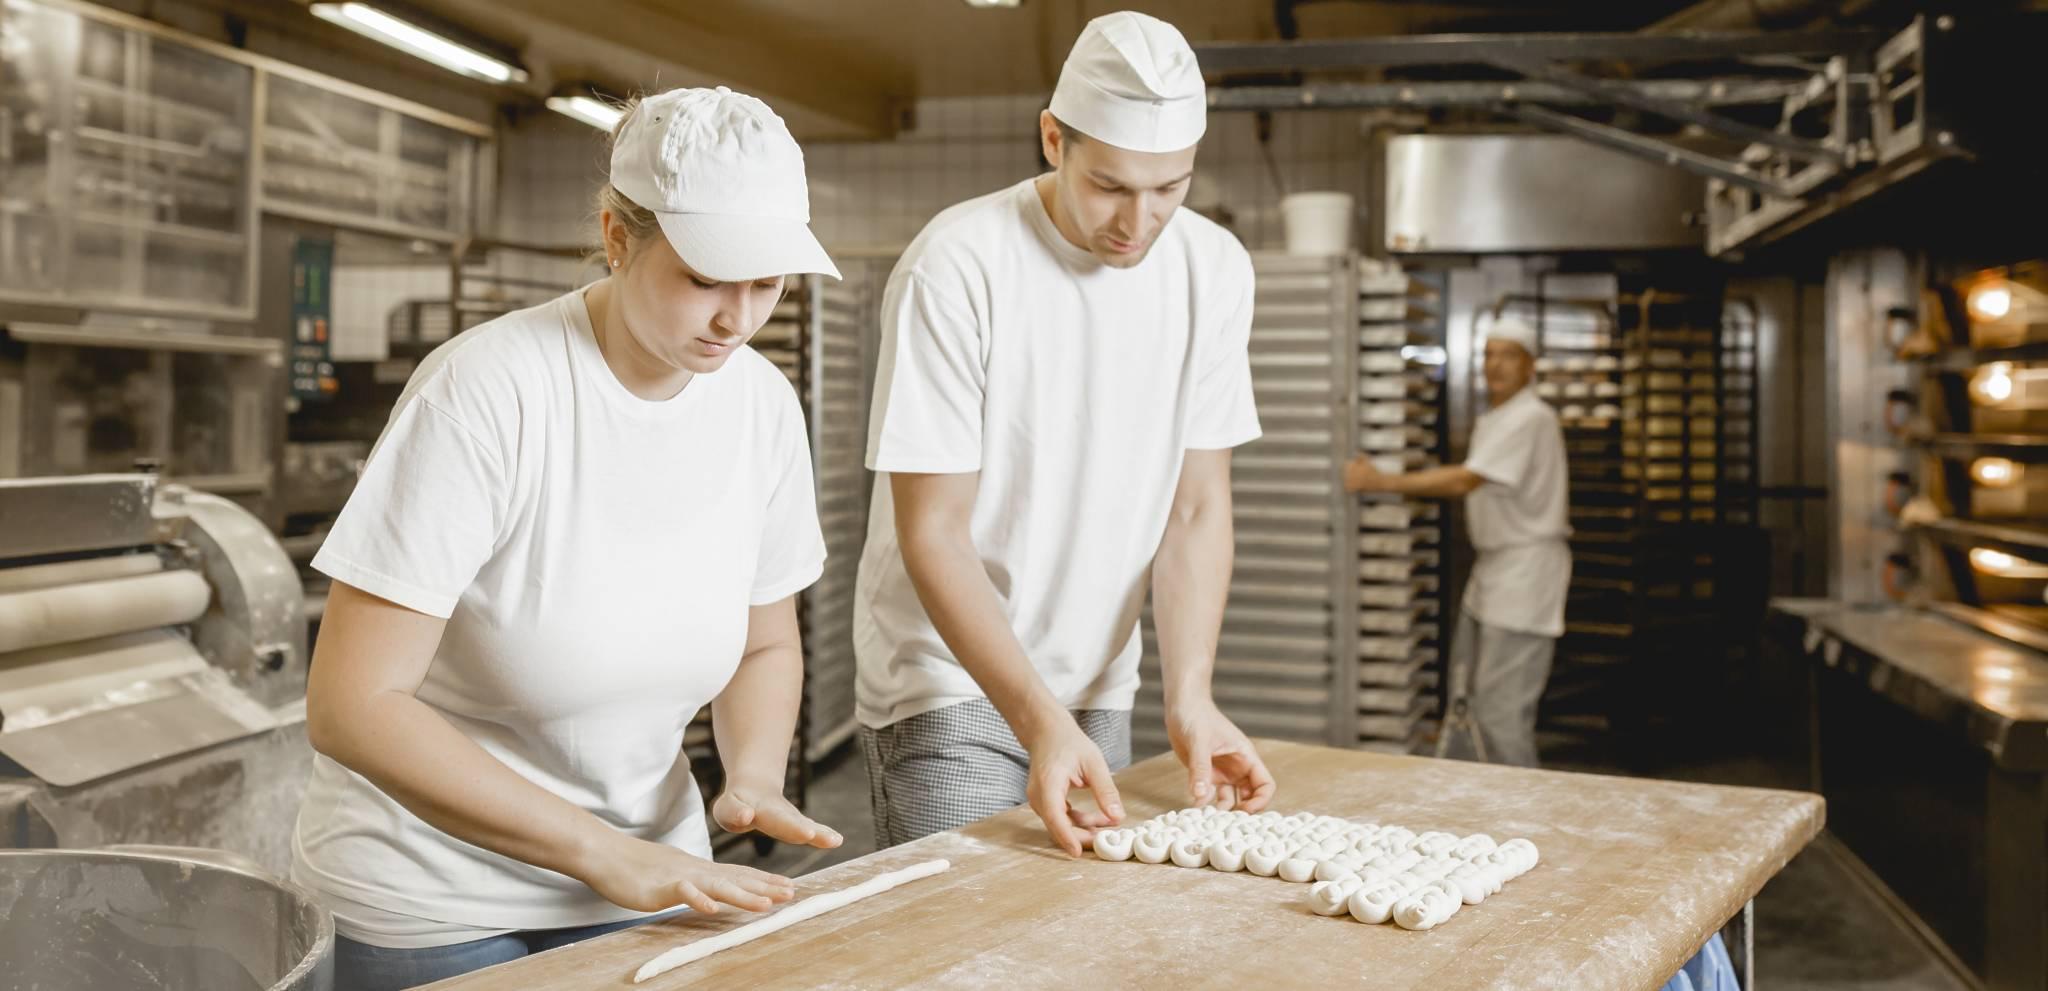 Backstube Bäckerei Konditorei Cafe Frühwirth Altmelon Natalie und Lukas Frühwirth